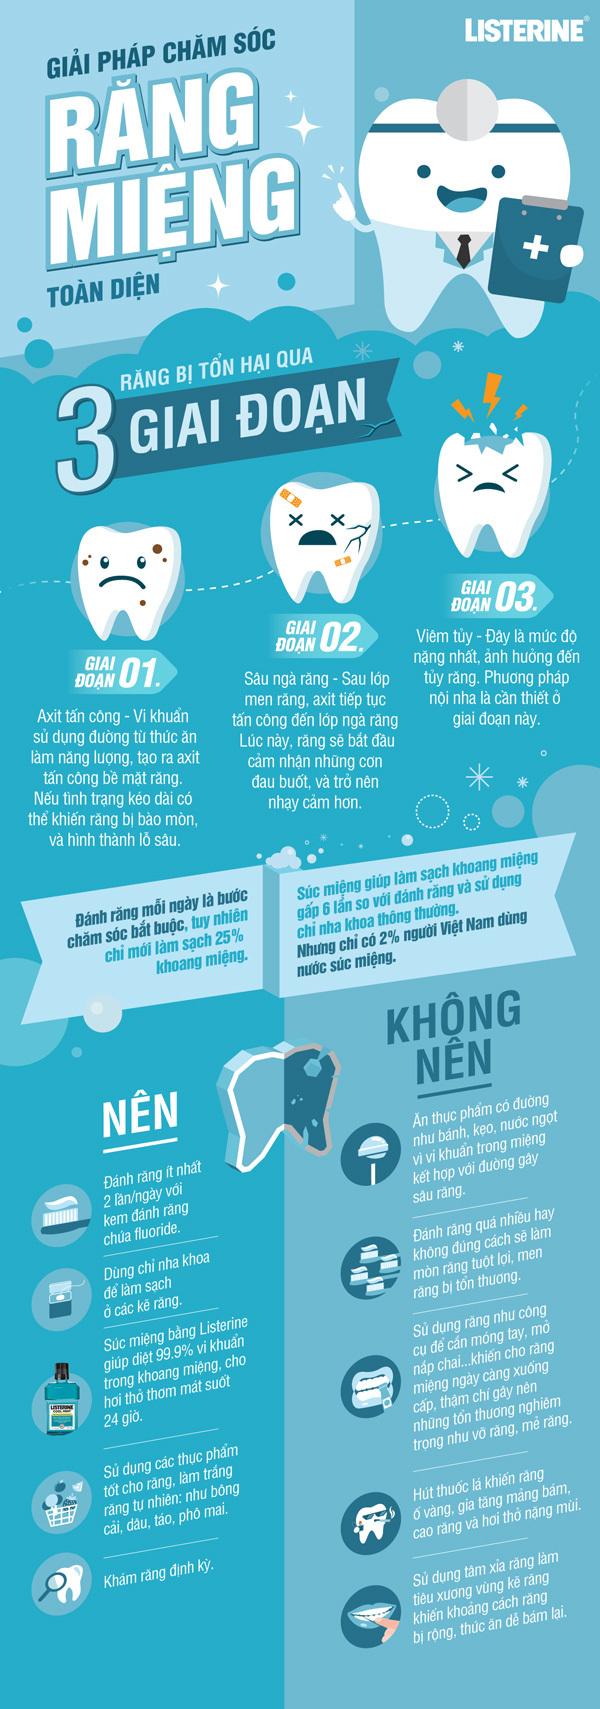 Những thói quen nhỏ khiến răng 'kêu cứu'